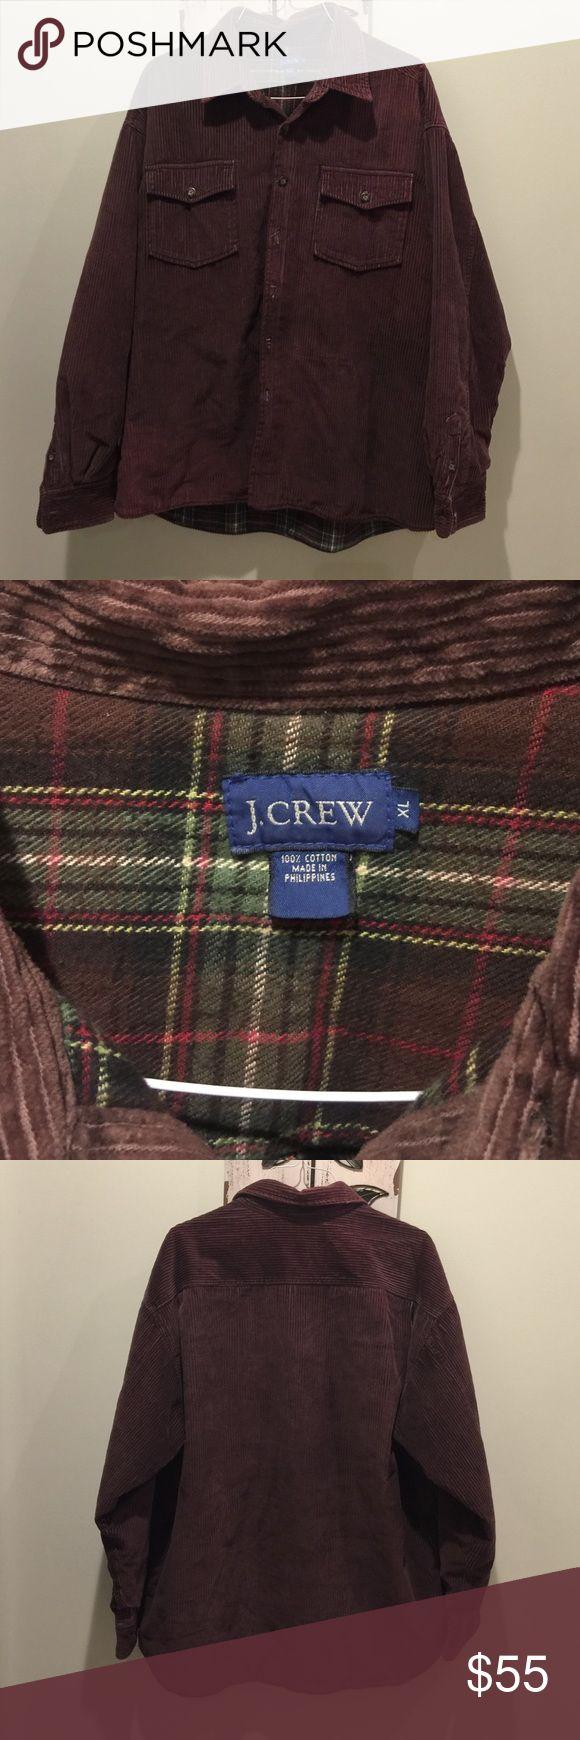 J Crew Corduroy Heavy Barn Jacket Coat X-Large Heavy Brown Barn Jacket J Crew Coat.  Flannel Lined, Size XL. J Crew Jackets & Coats